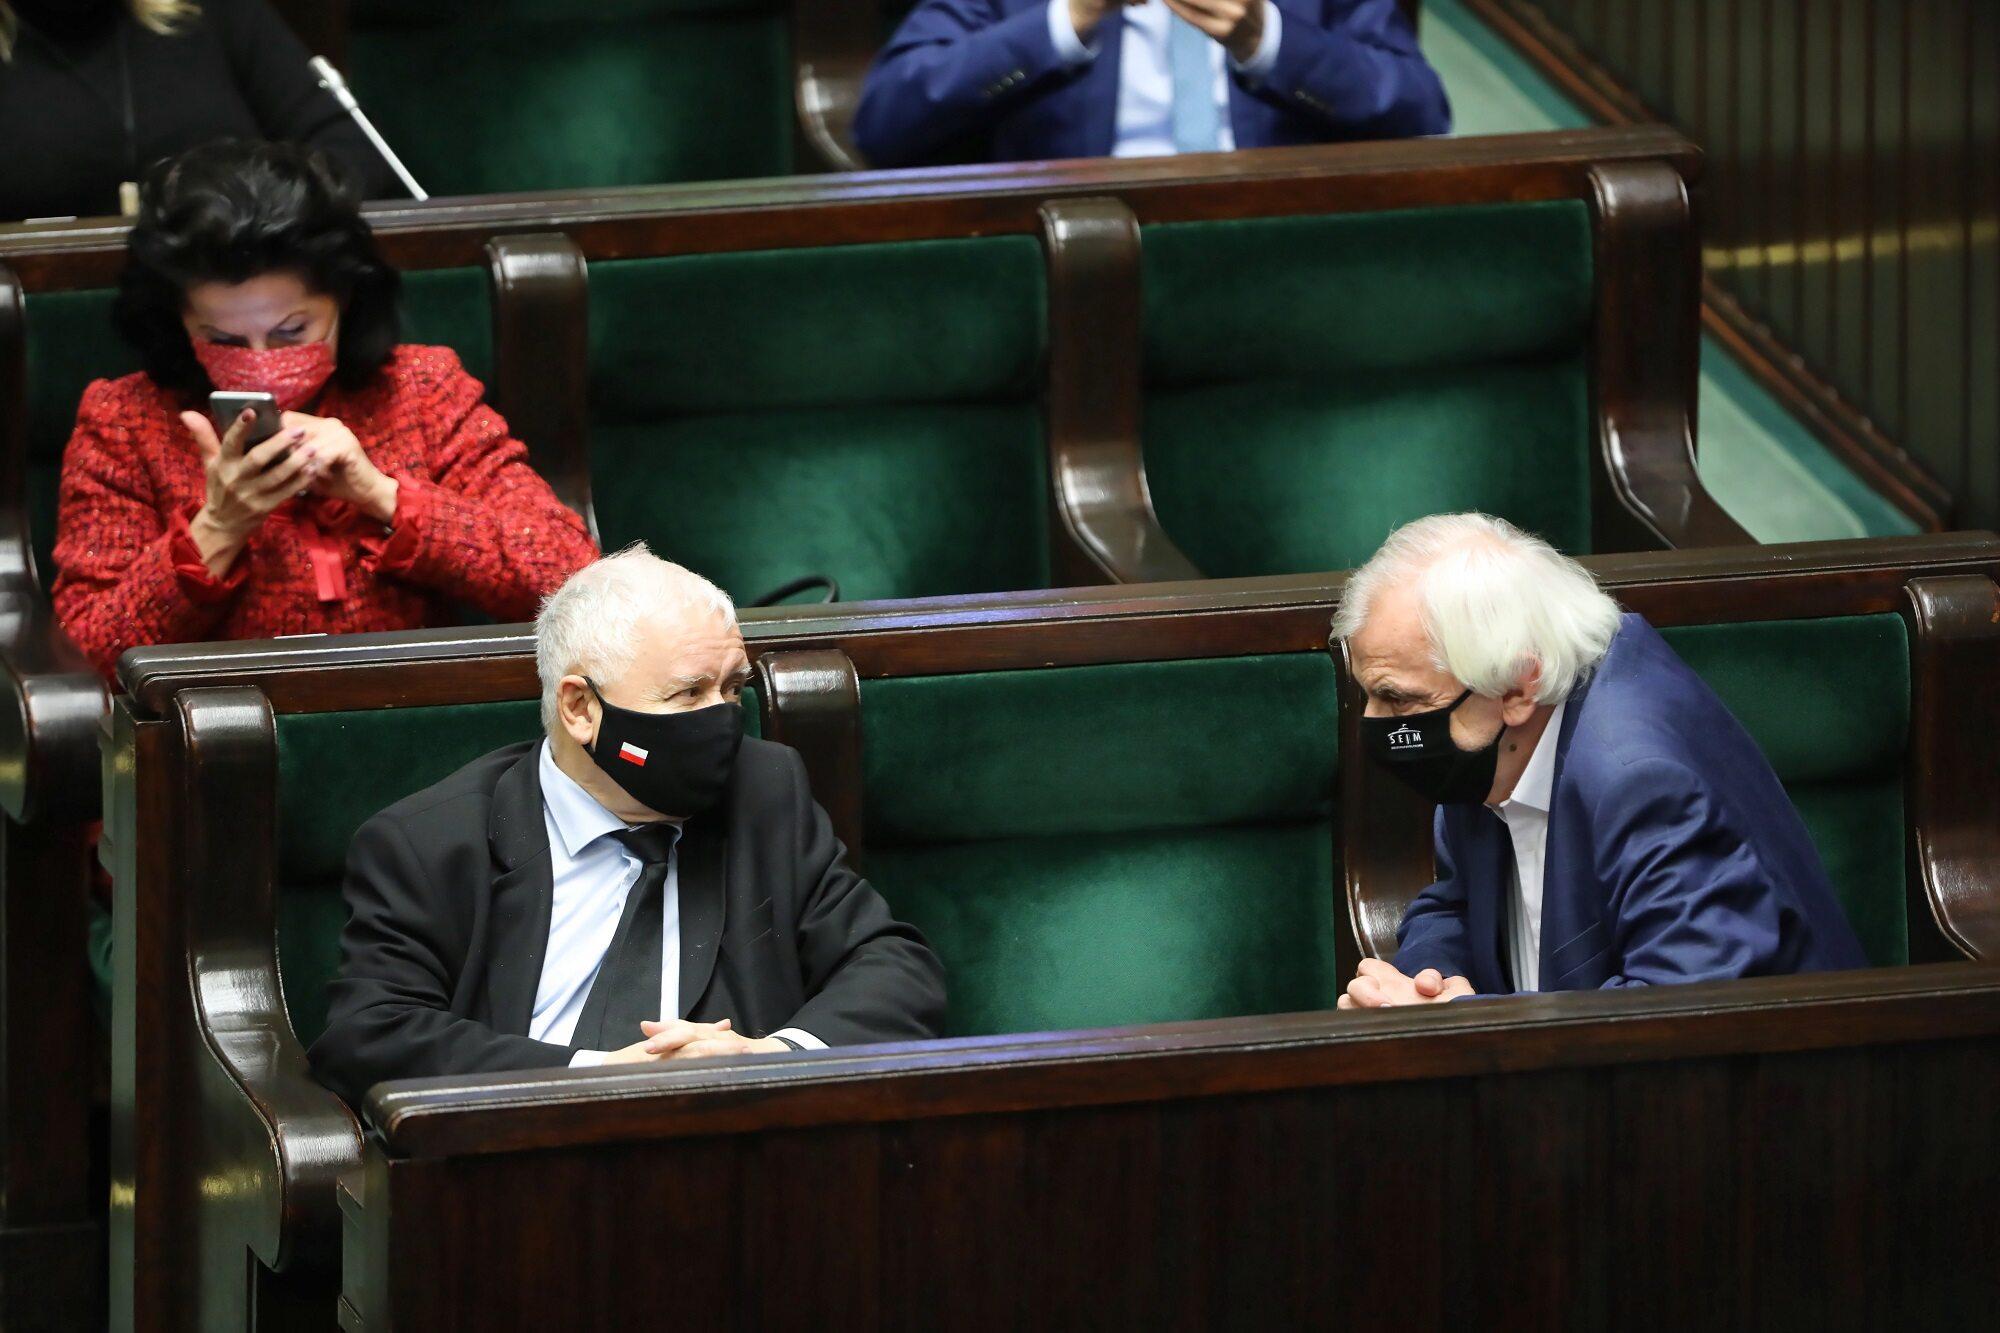 Prezes PiS Jarosław Kaczyński (L), wicemarszałek Sejmu Ryszard Terlecki (P) oraz posłanka PiS Anna Paluch (z tyłu) na sali obrad Sejmu.